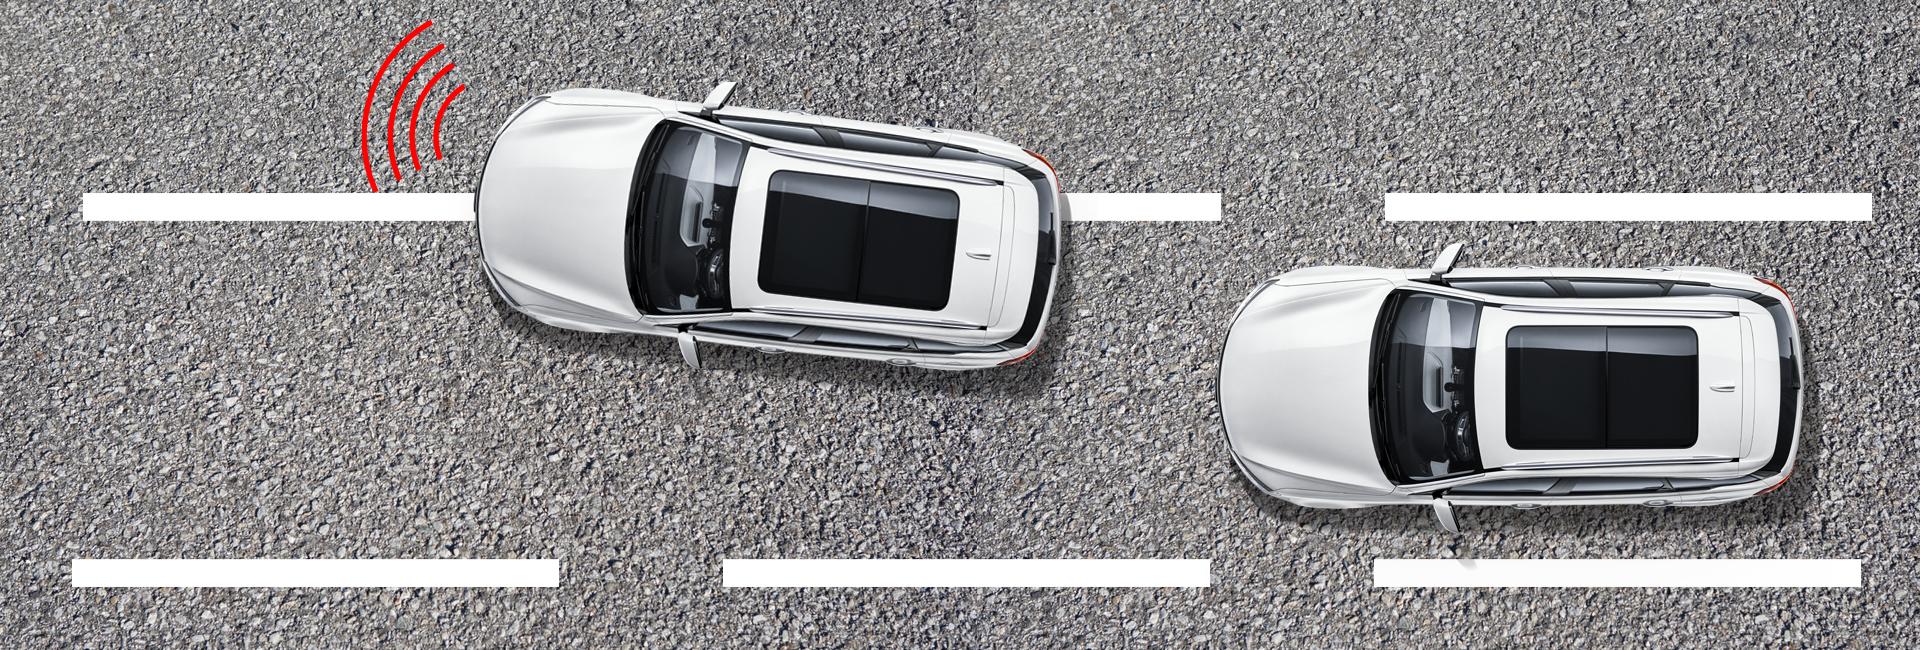 车道偏离预警系统